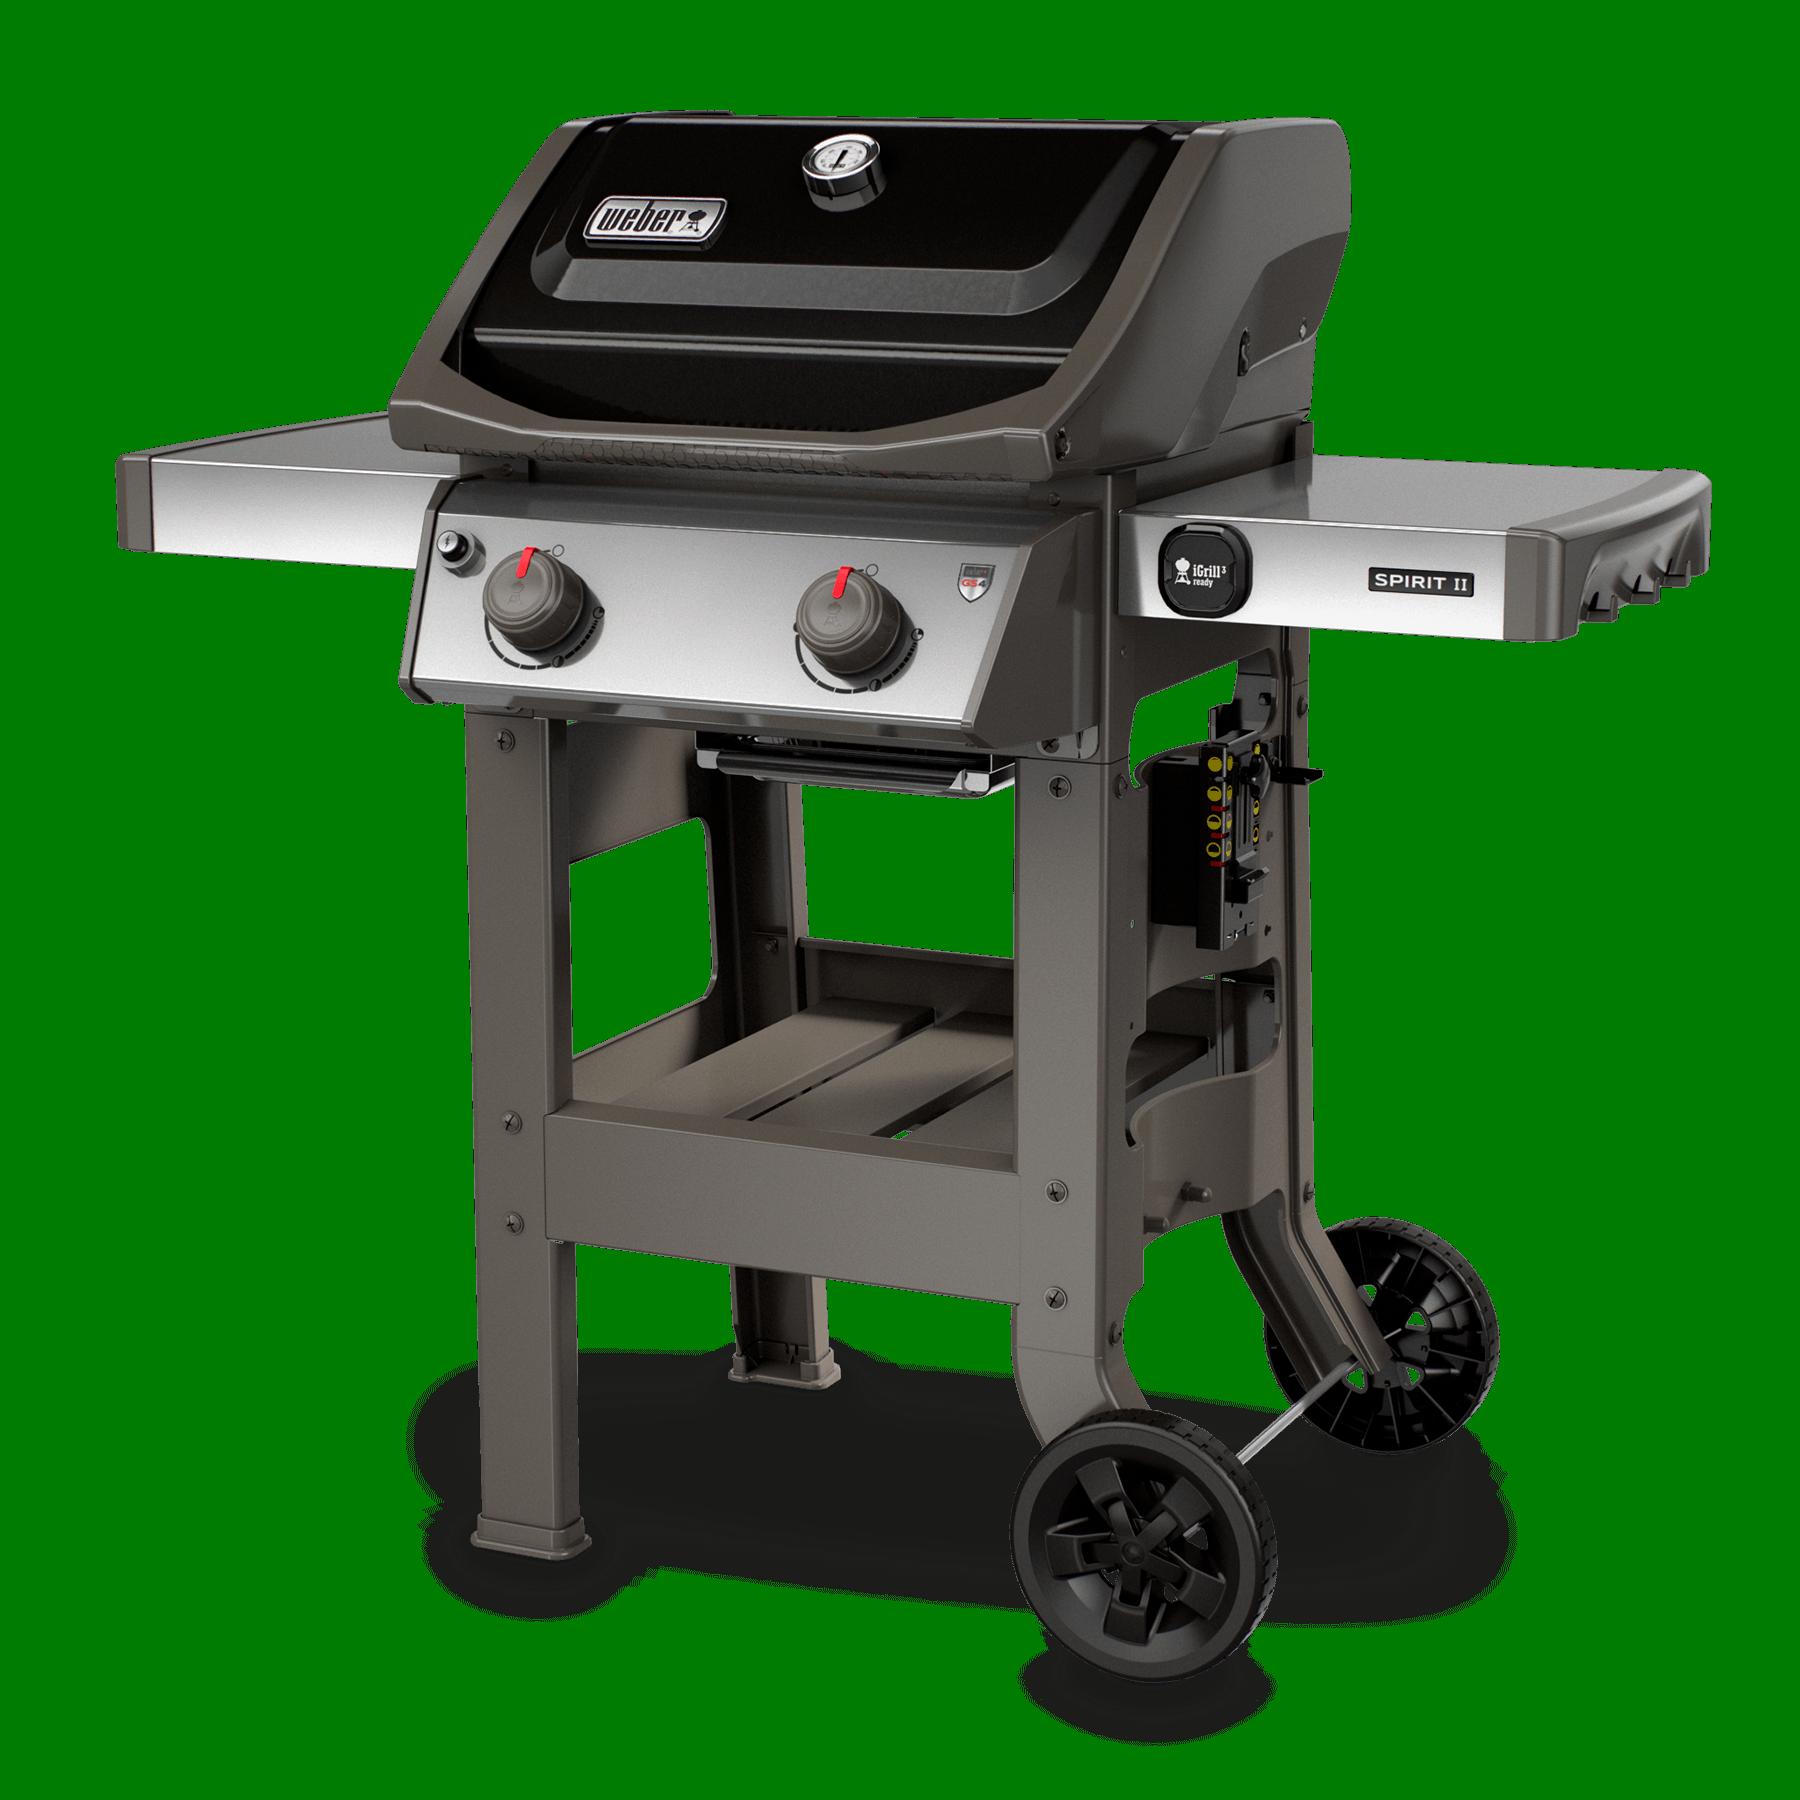 weber spirit ii e 210 gas grill weber grills. Black Bedroom Furniture Sets. Home Design Ideas